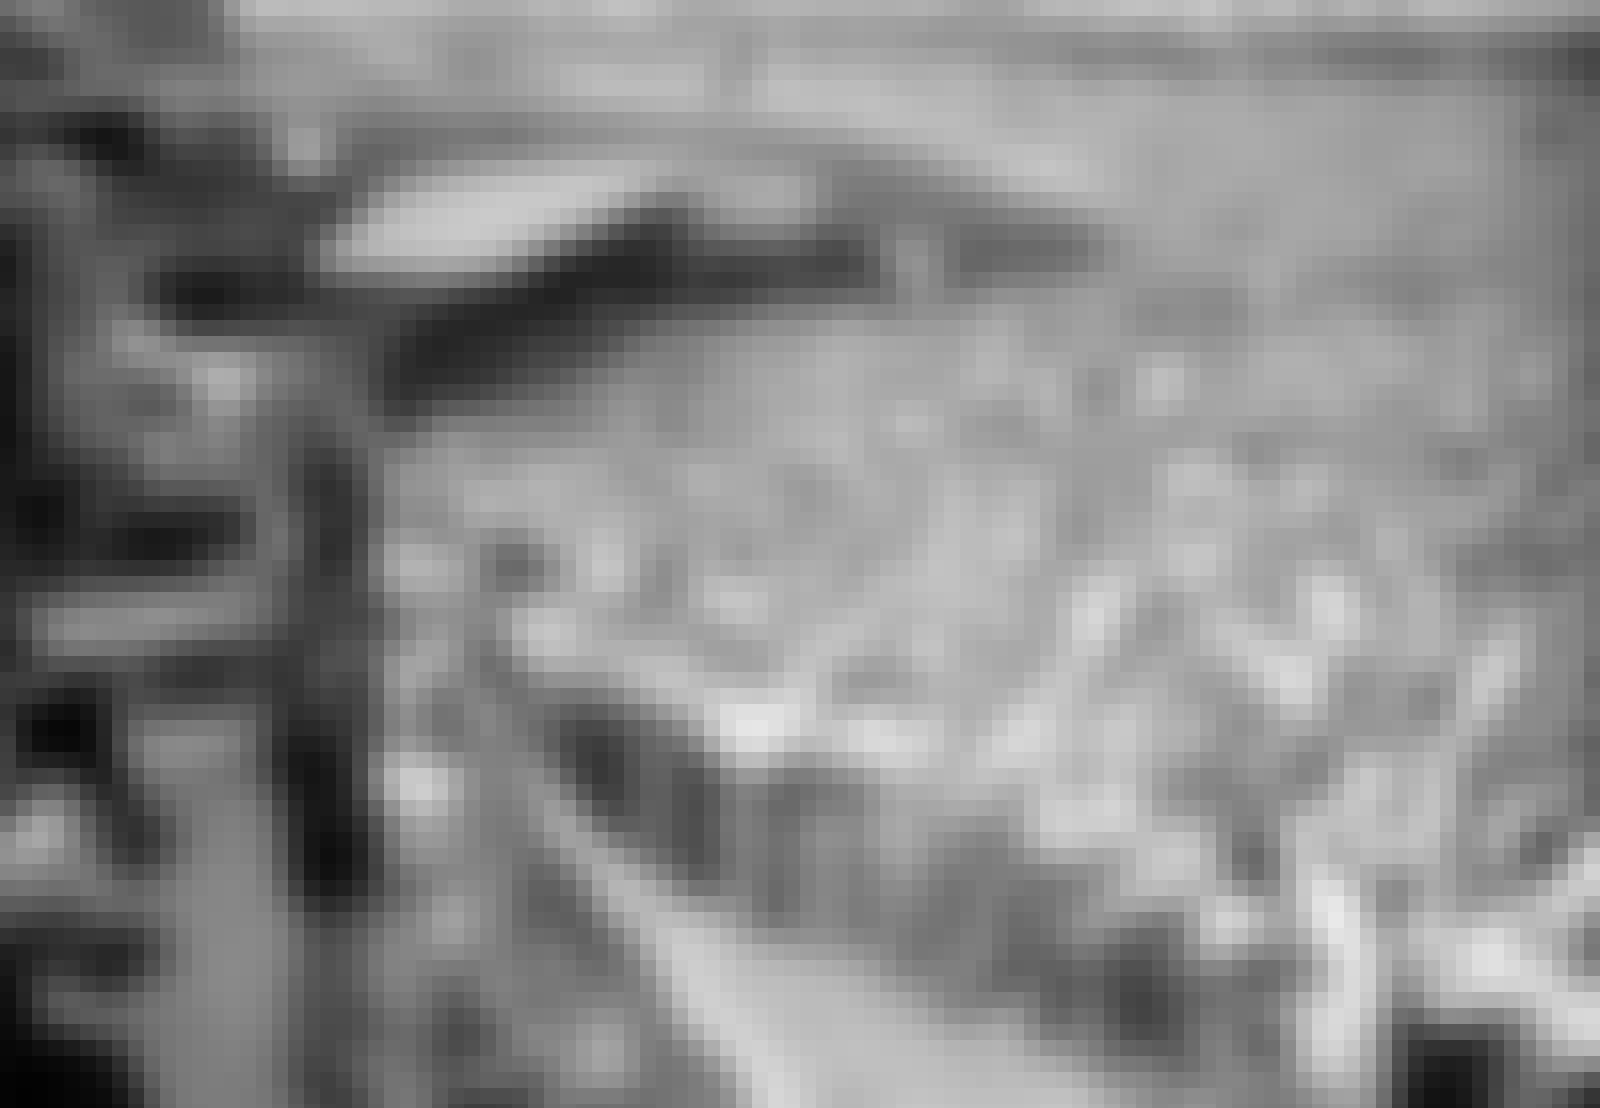 Kotiinpaluu, James Doolittle, toinen maailmansota